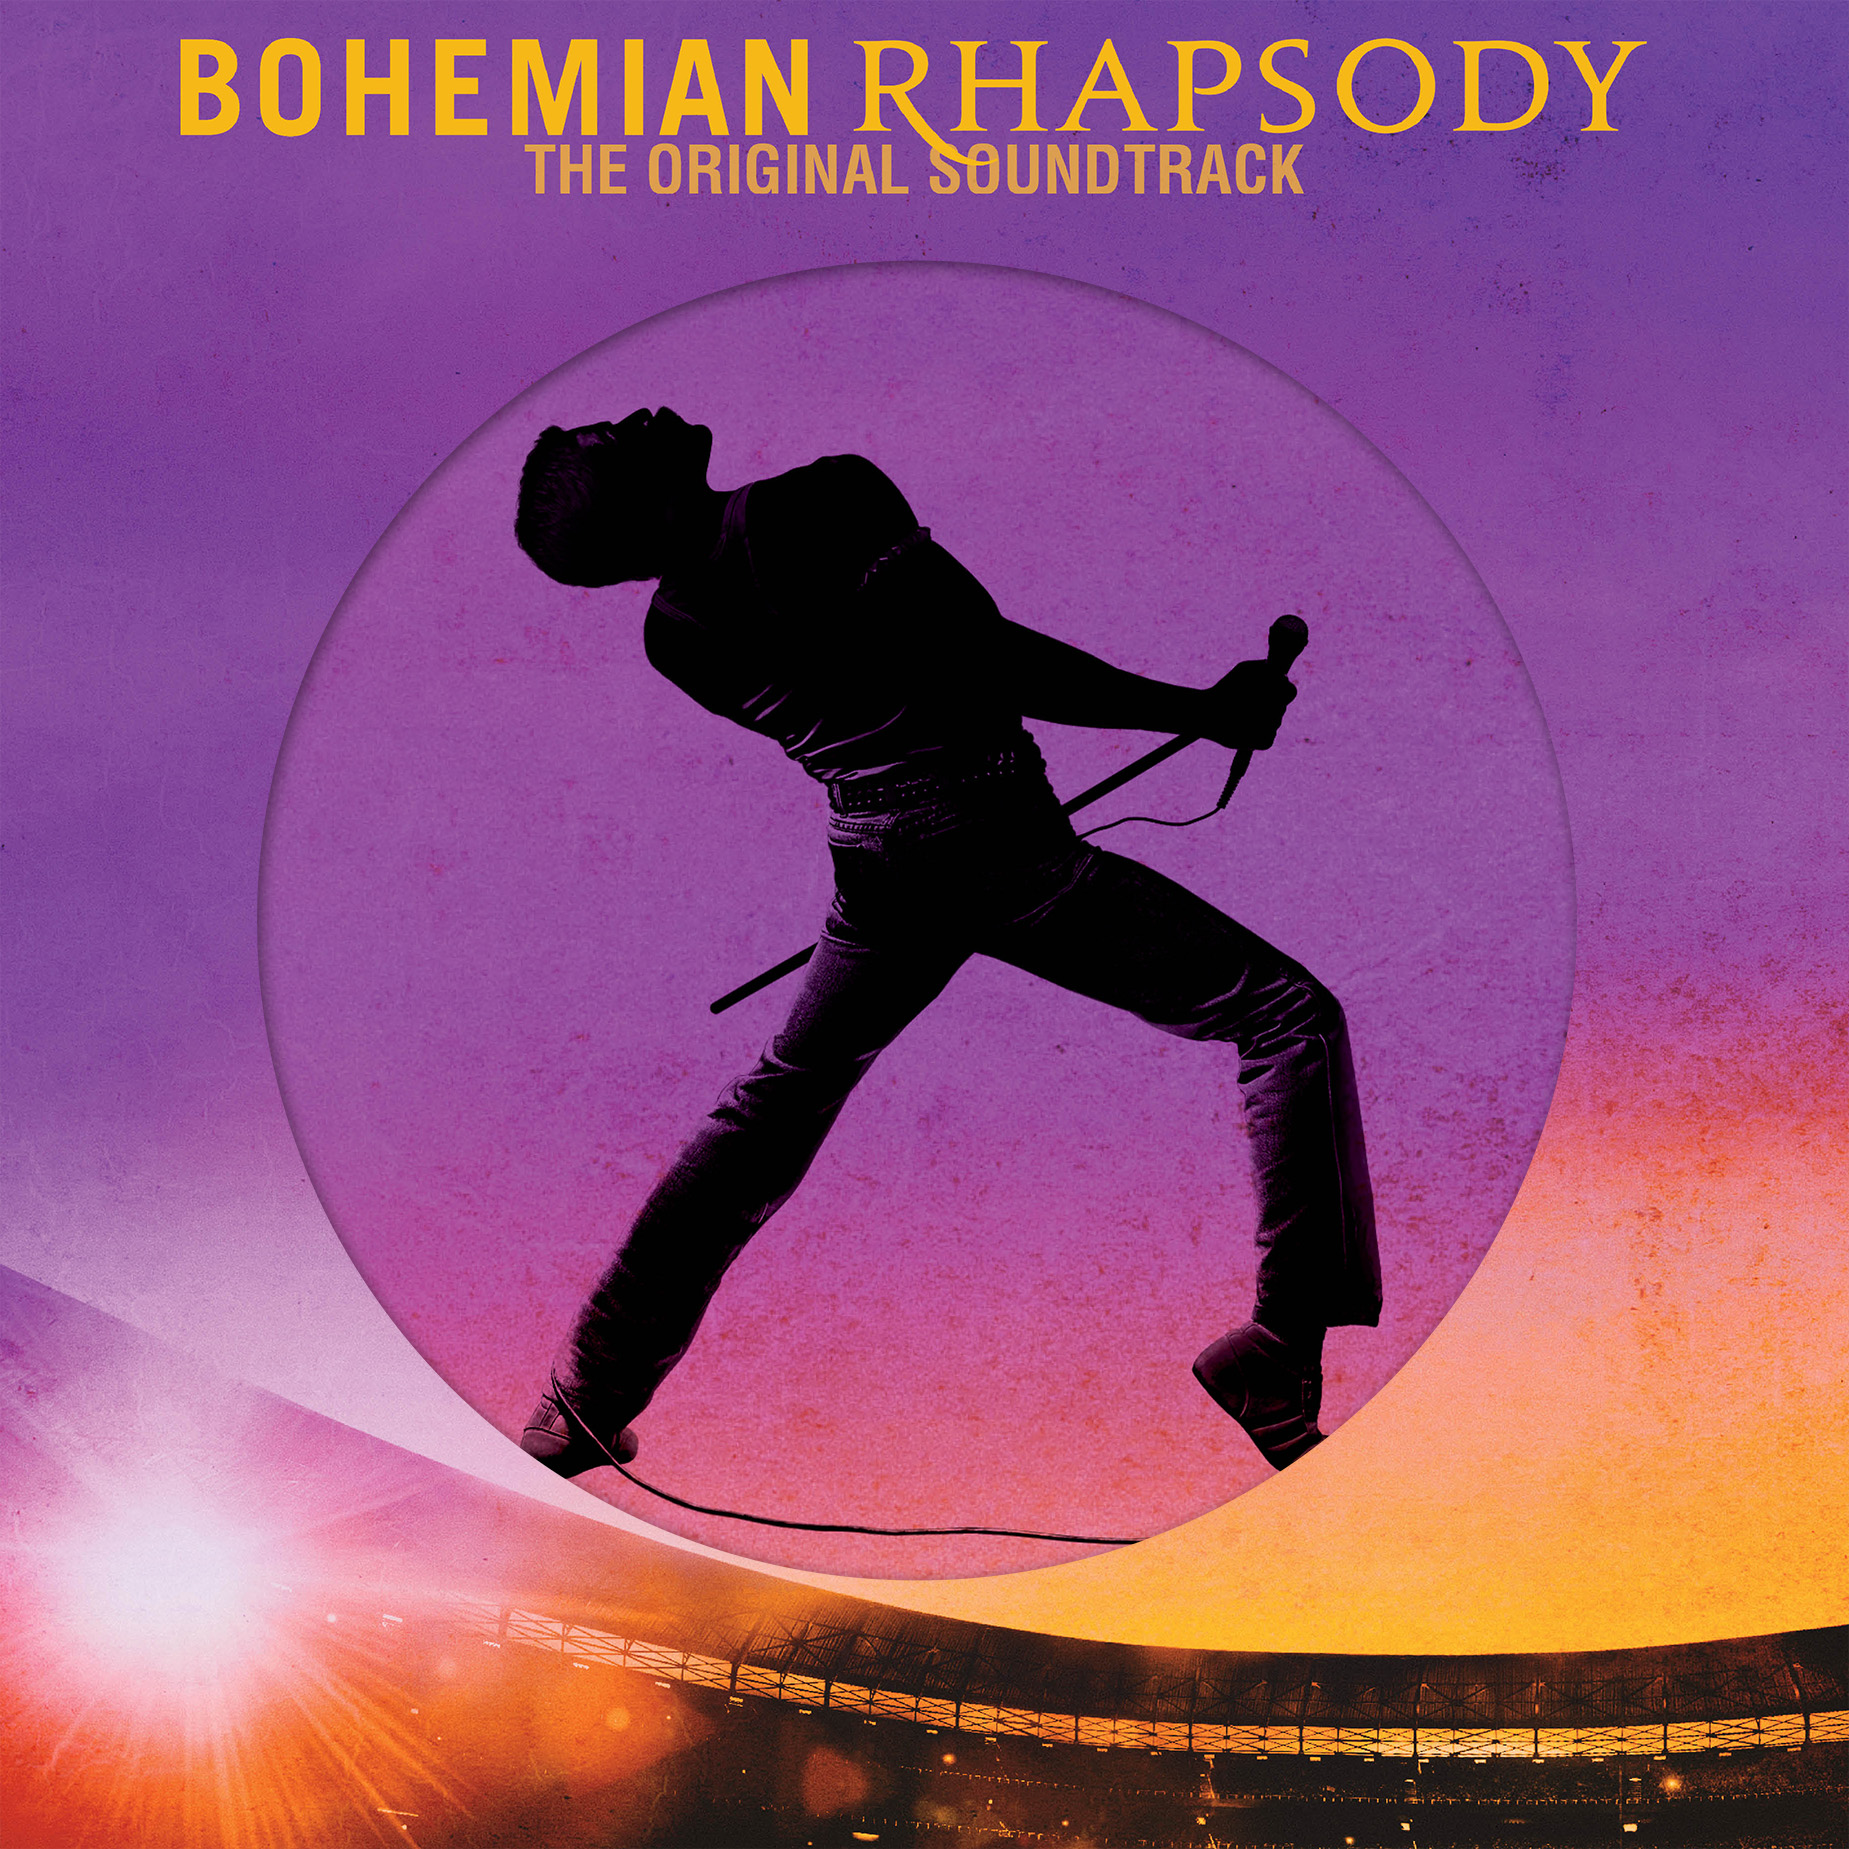 071_ボヘミアン・ラプソディー オリジナル・サウンドトラック 限定盤ピクチャー・ディスク